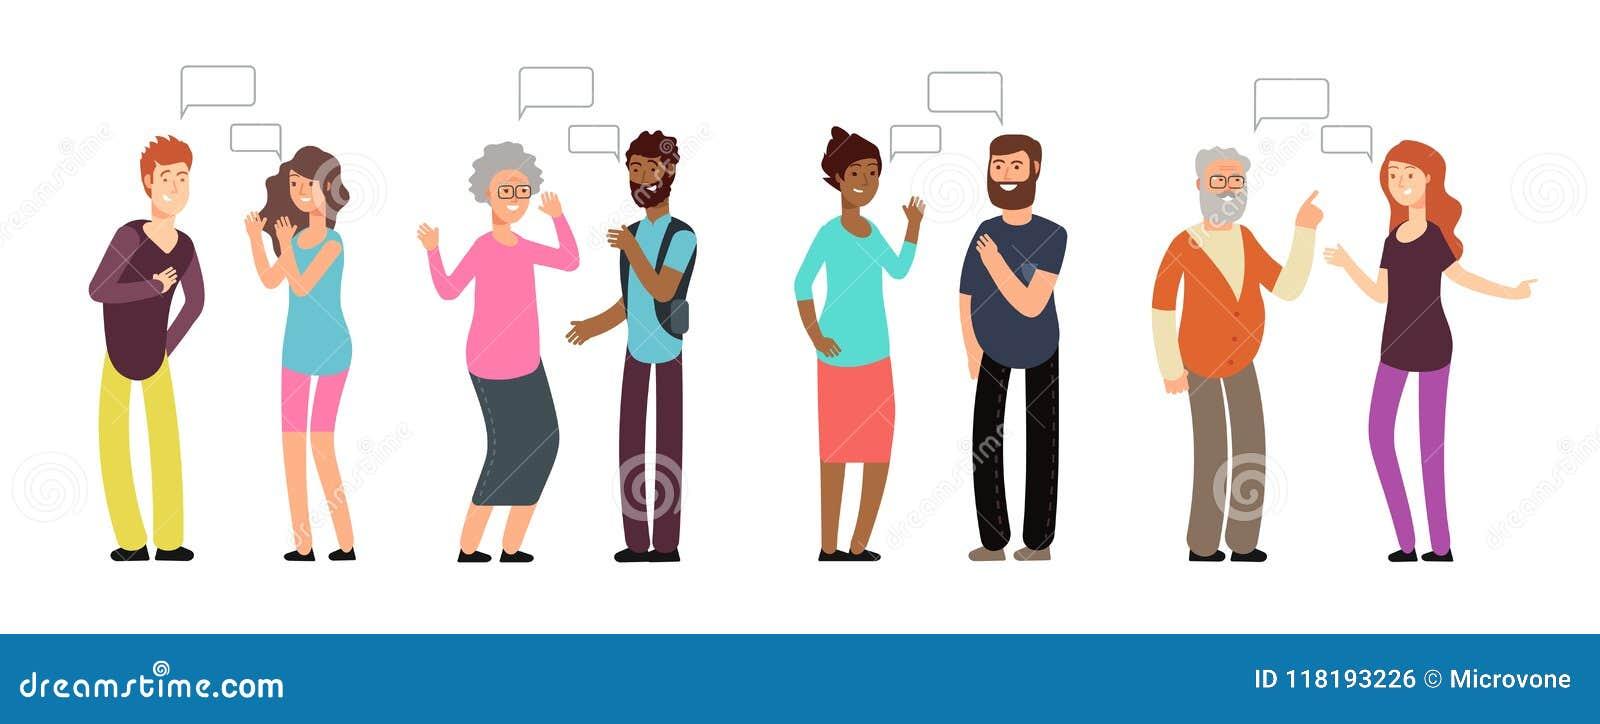 Gawędzeń persons Ludzie grupują w rozmowie Mężczyzna i kobiety dyskutuje z główkowanie bąblem Wektorowa komunikacja